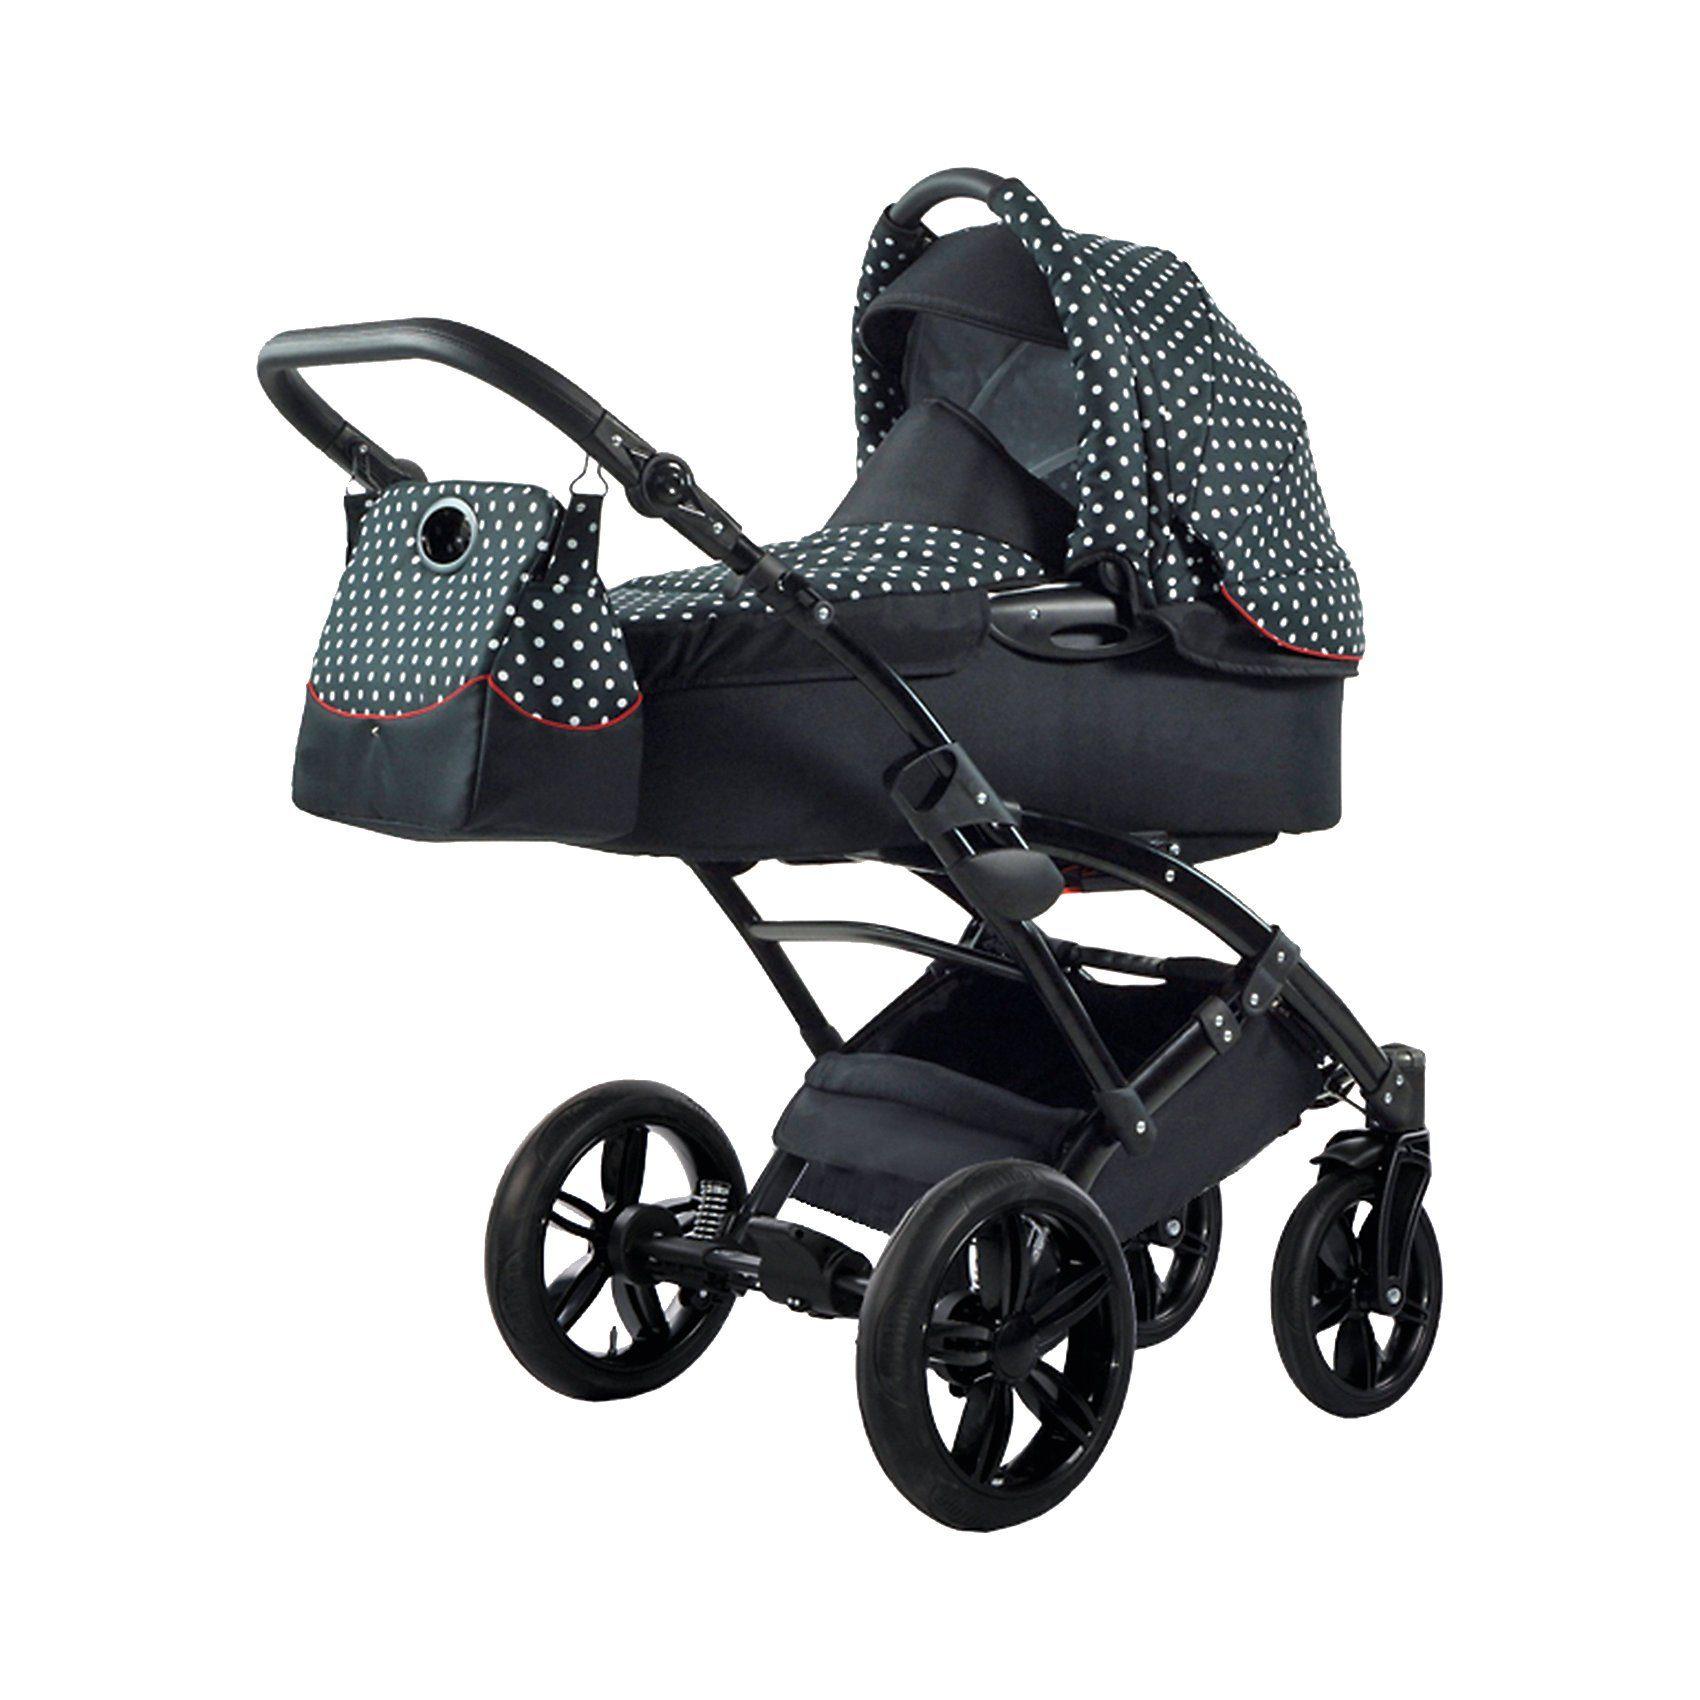 knorr-baby Kombi Kinderwagen Voletto Tupfen mit Wickeltasche, schwarz-w